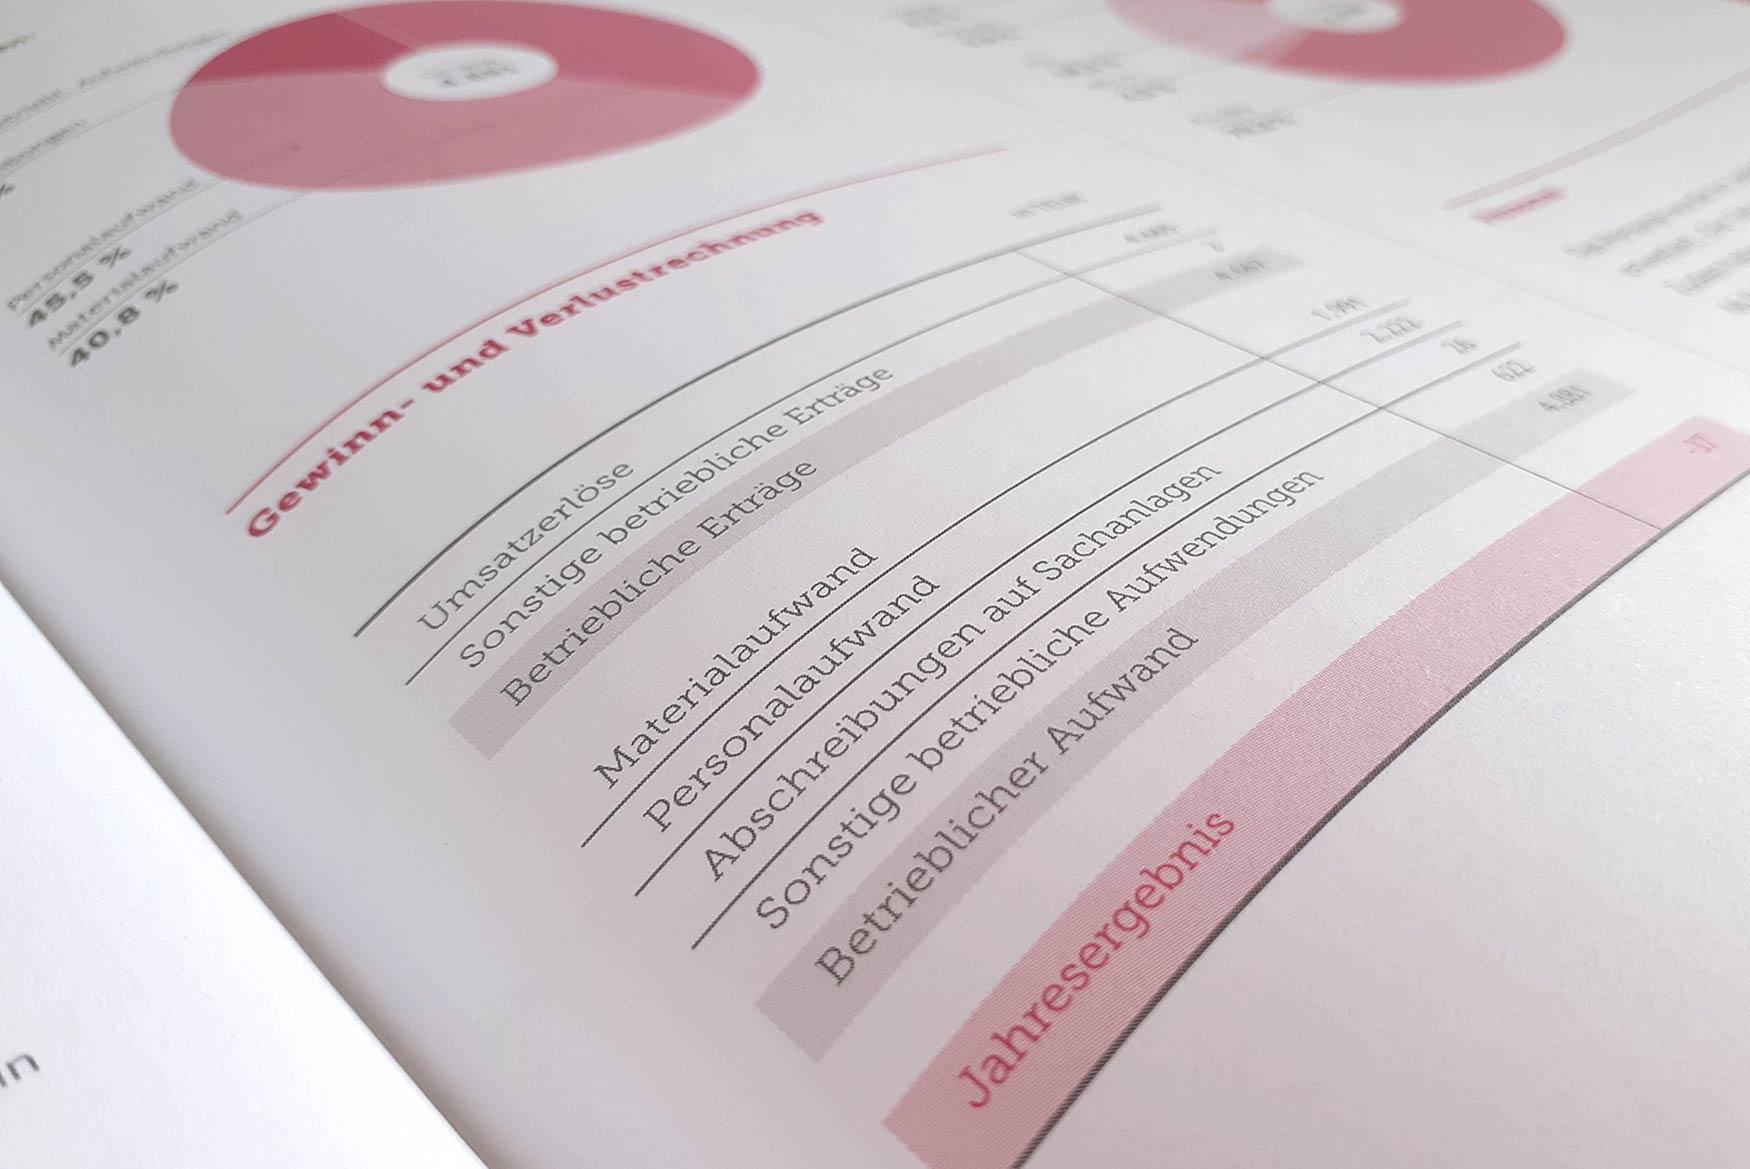 Jahresbericht-FRS-8-Designagentur-Stuttgart-Kreativbetrieb